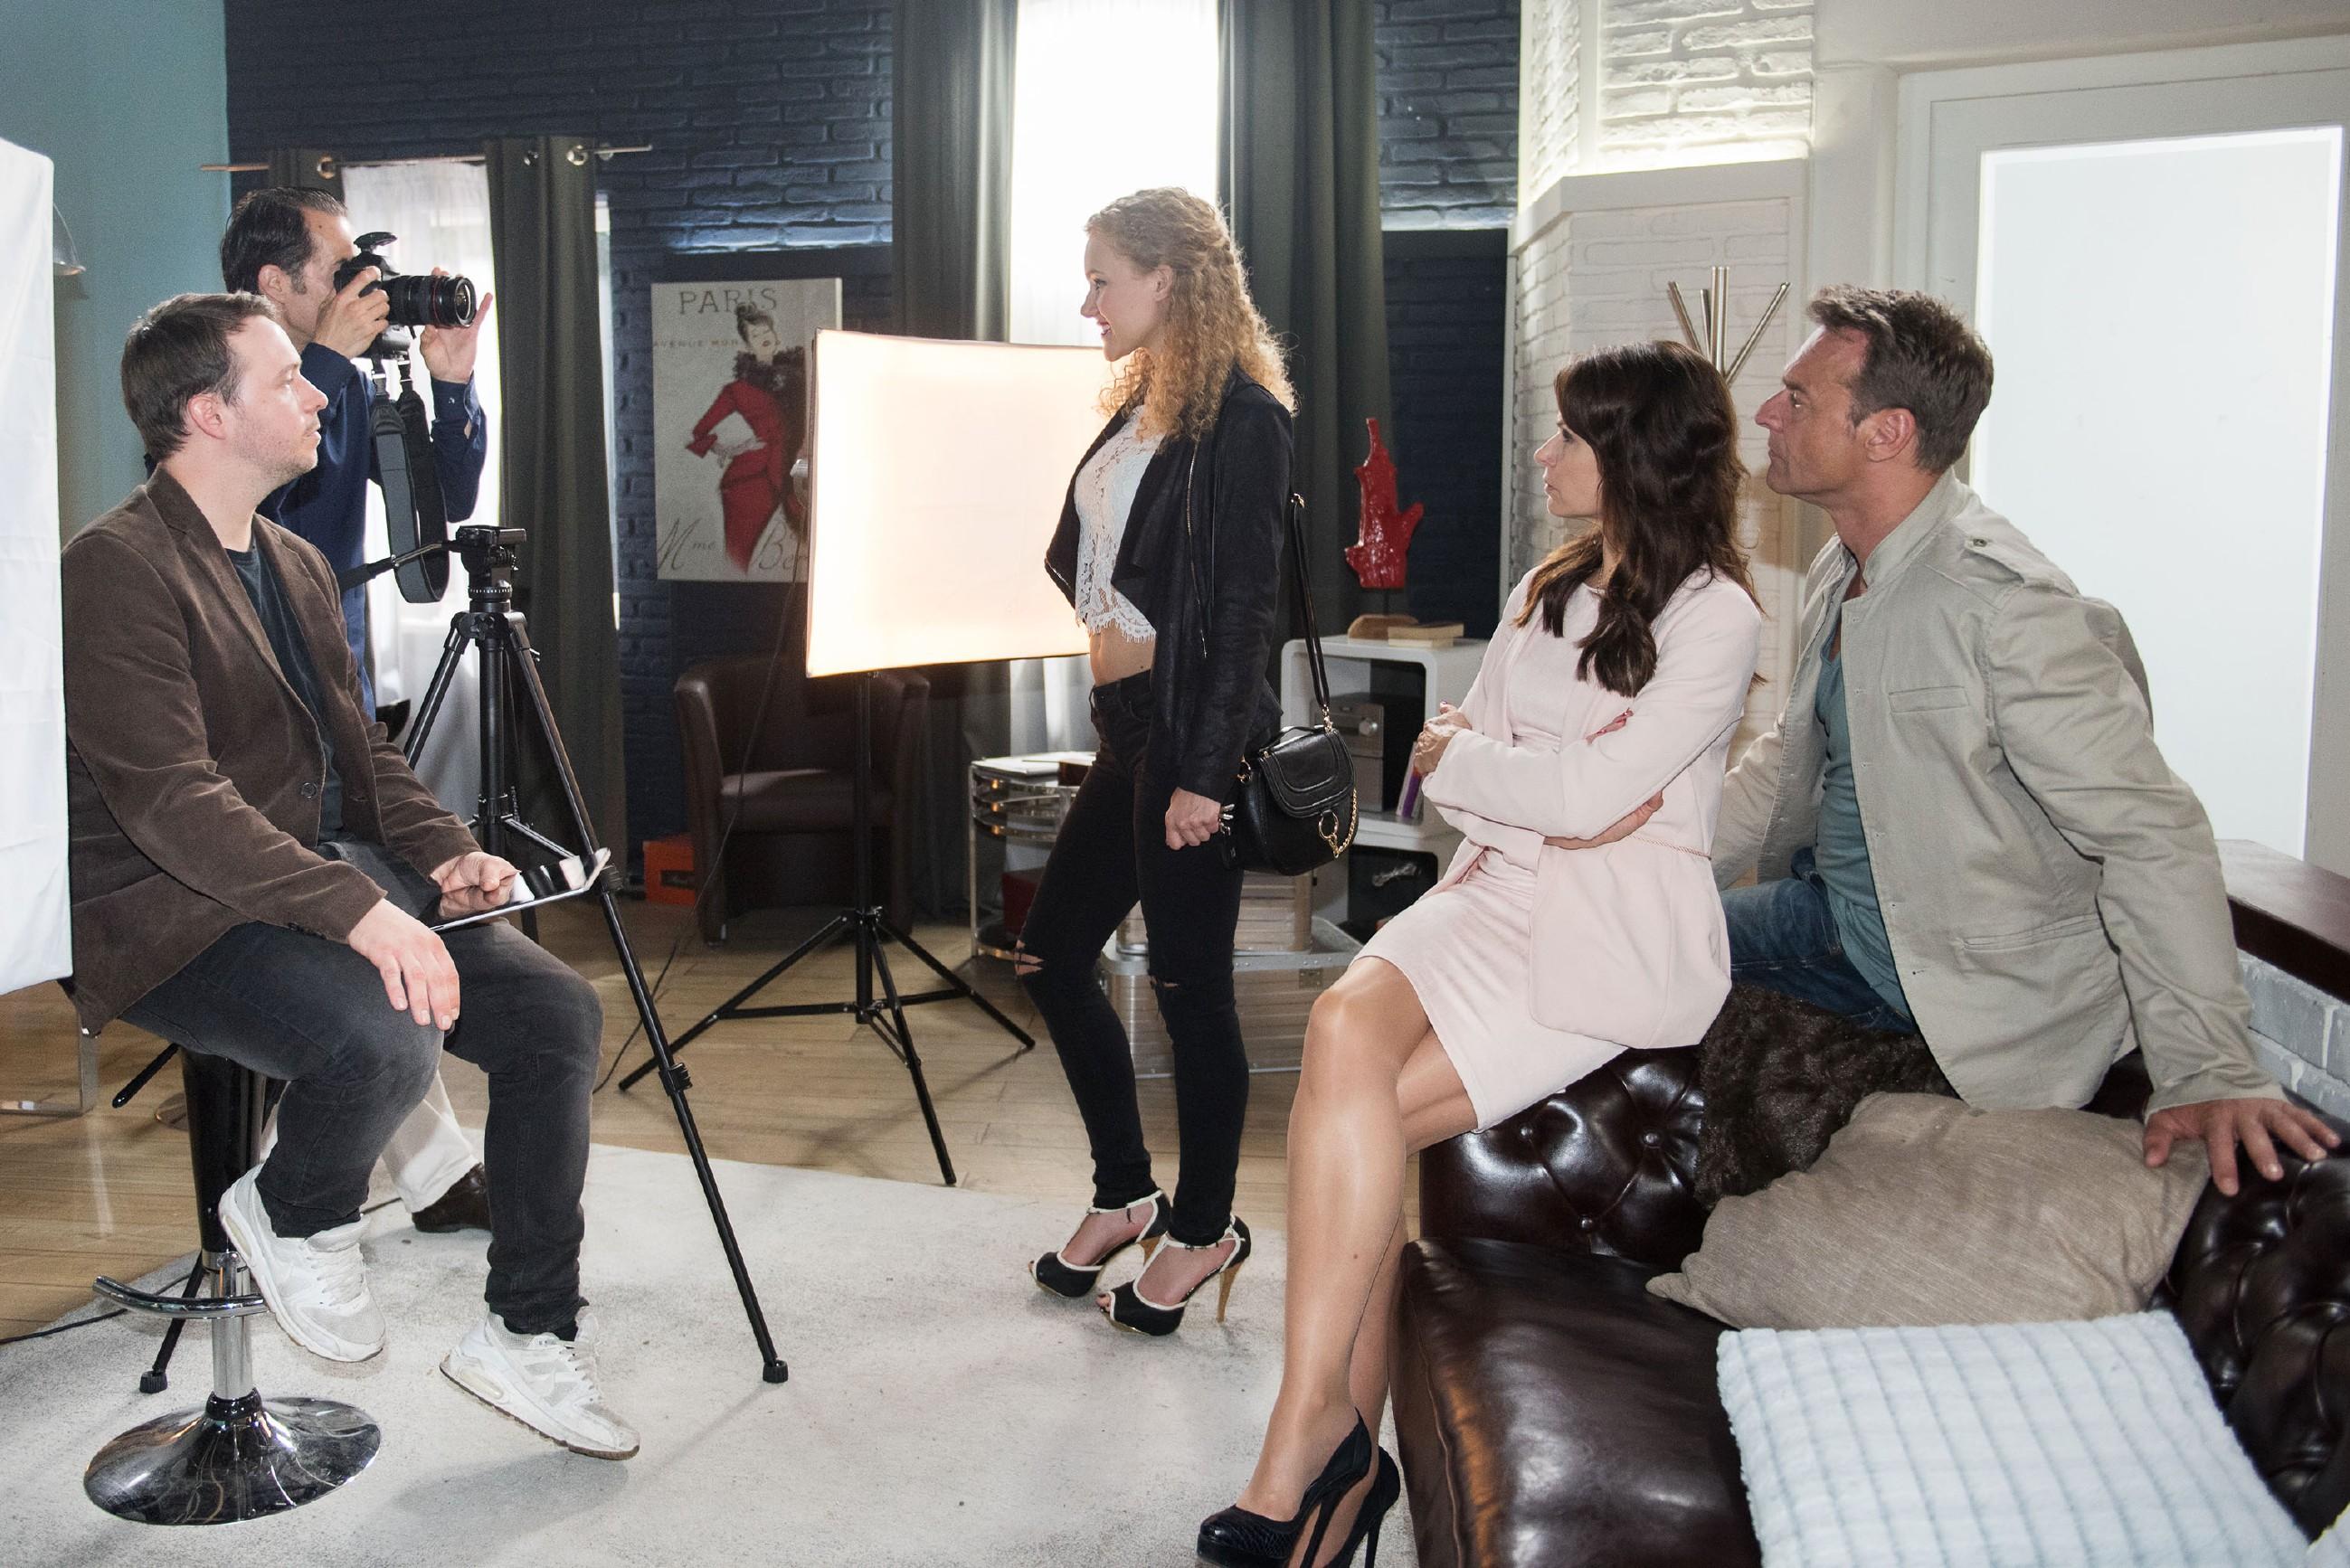 Während der Homestory-Reportage bei Rufus (Kai Noll, r.) und Britta (Tabea Heynig, 2.v.r.) drängt sich KayC (Pauline Angert, M.) zu Brittas Unmut gekonnt in den Vordergrund (l. Komparsen) (Quelle: RTL / Stefan Behrens)